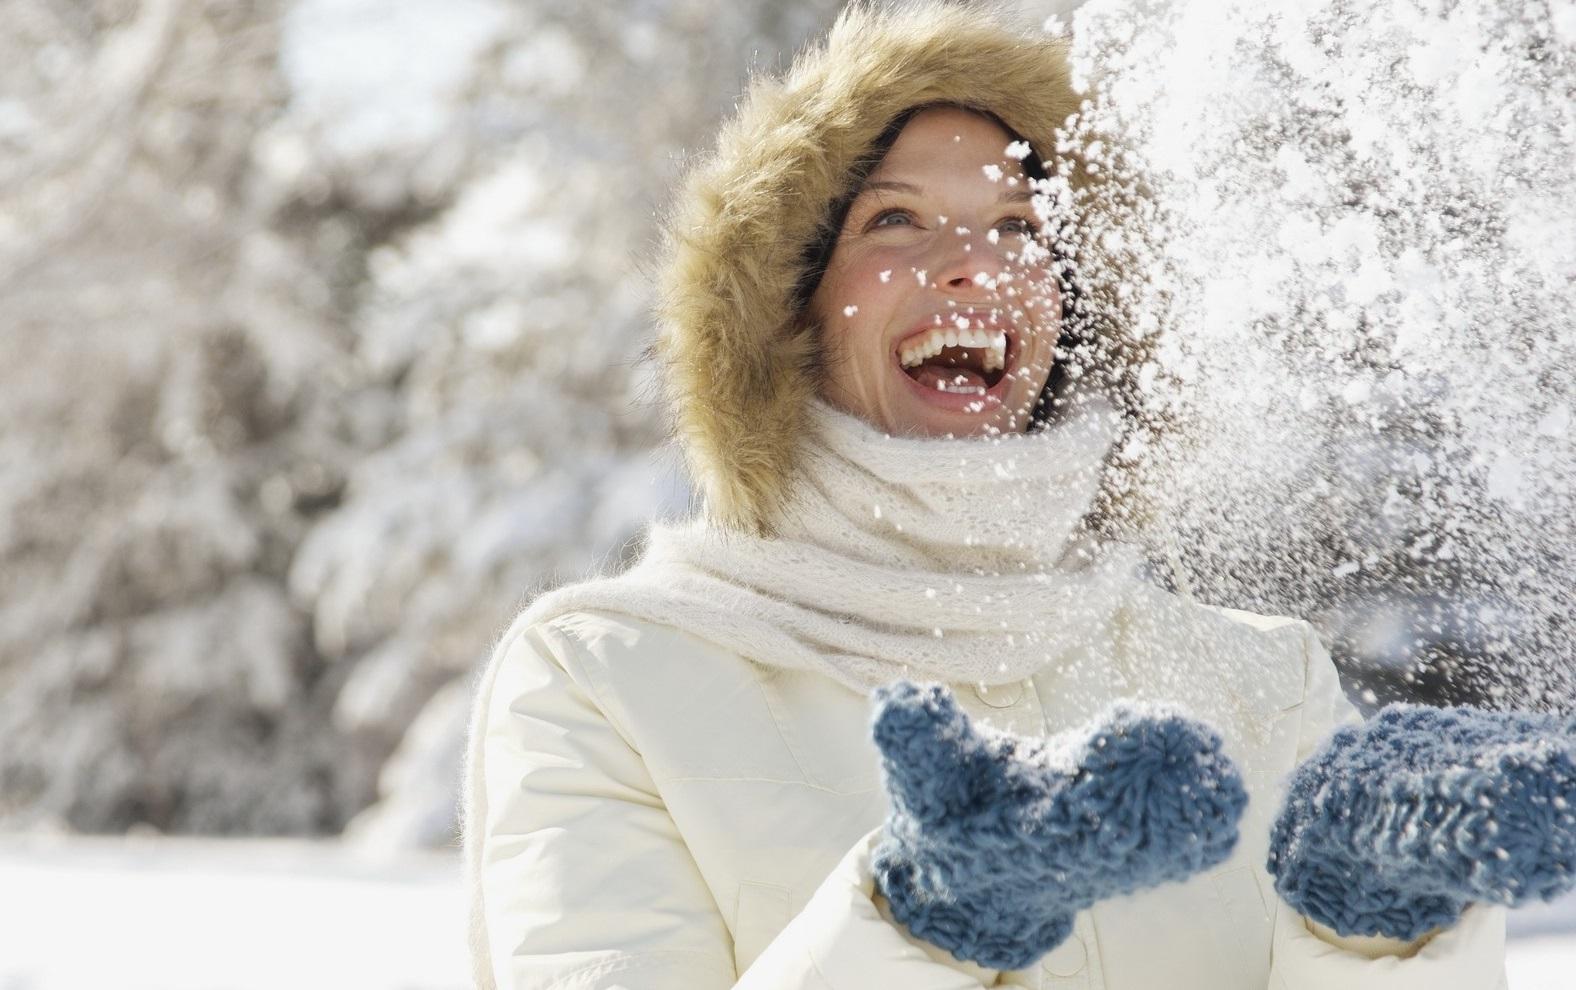 Прикольные картинки морозный день, картинки учихами открытки